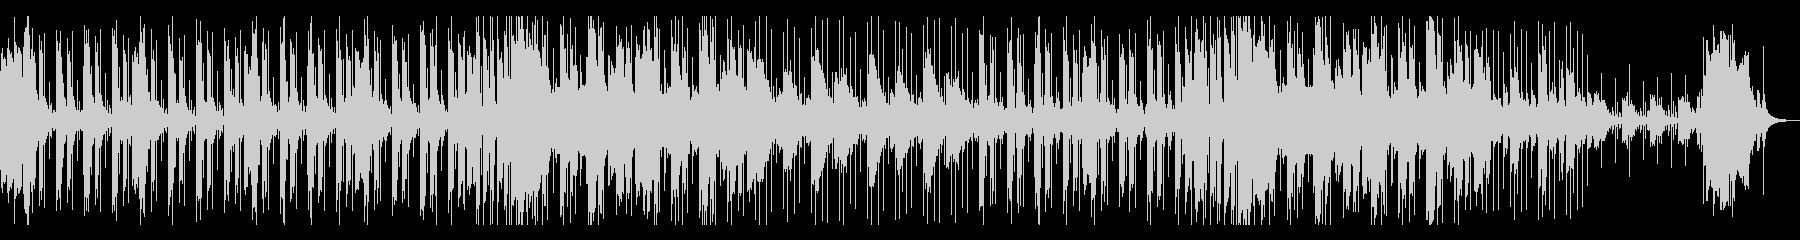 レトロ感漂うEピアノのチルアウトの未再生の波形